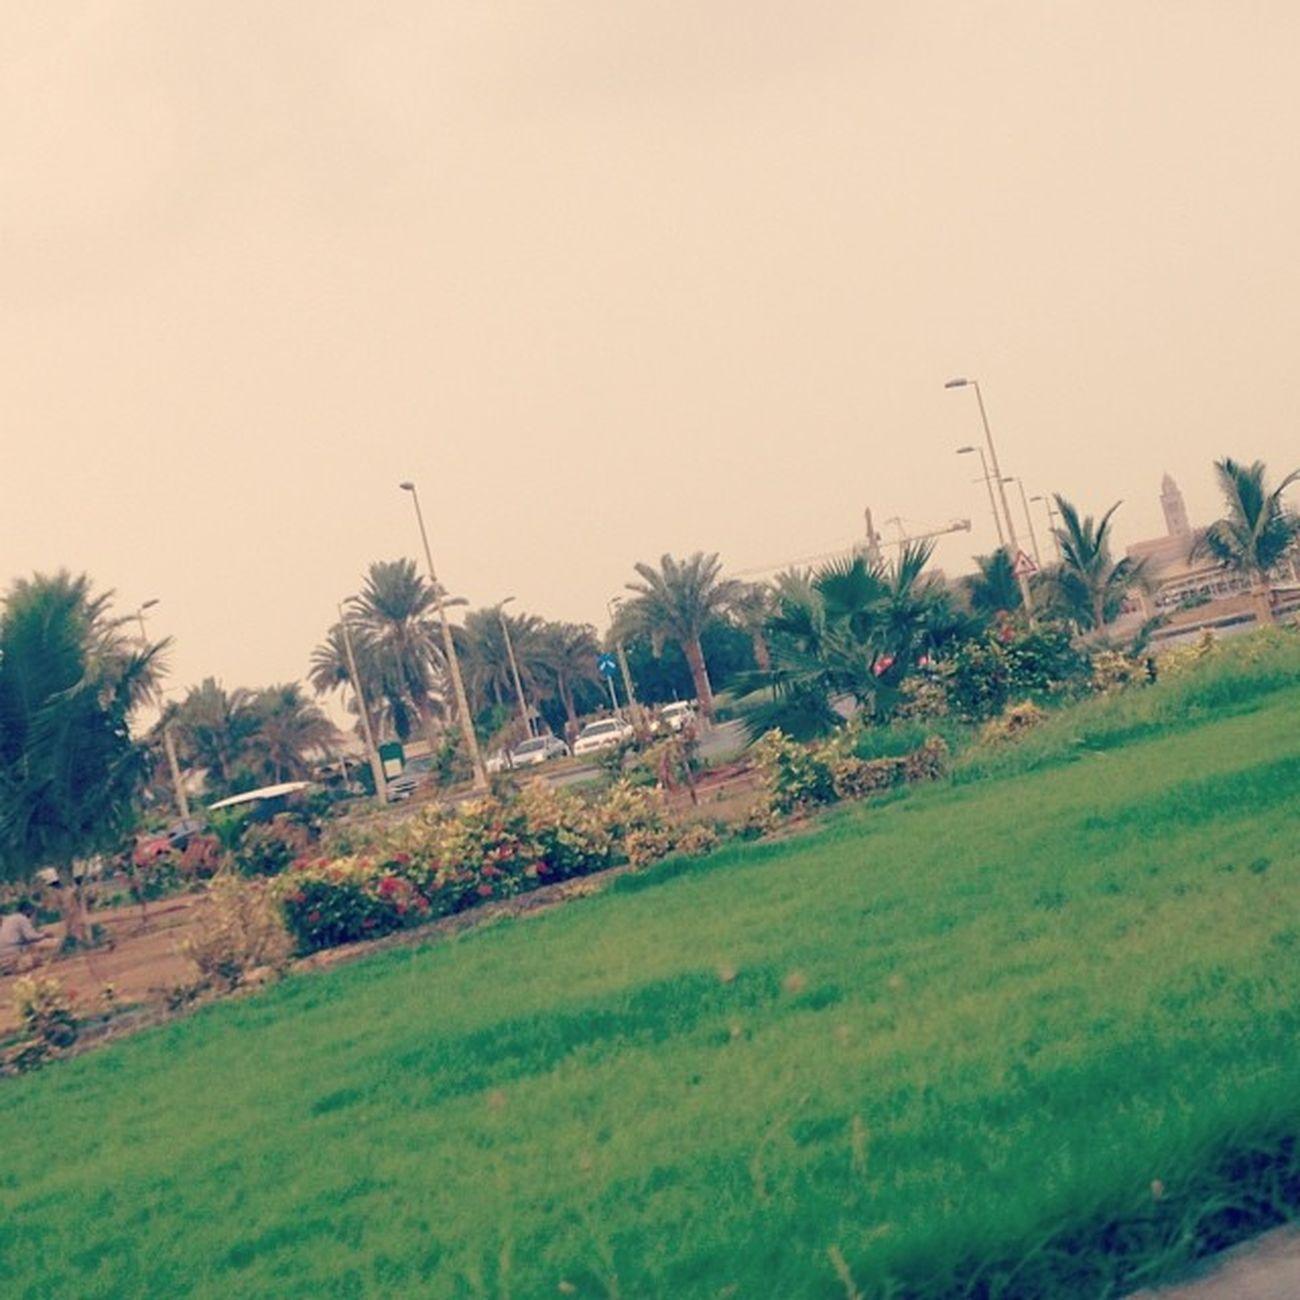 Jeddah_m6r